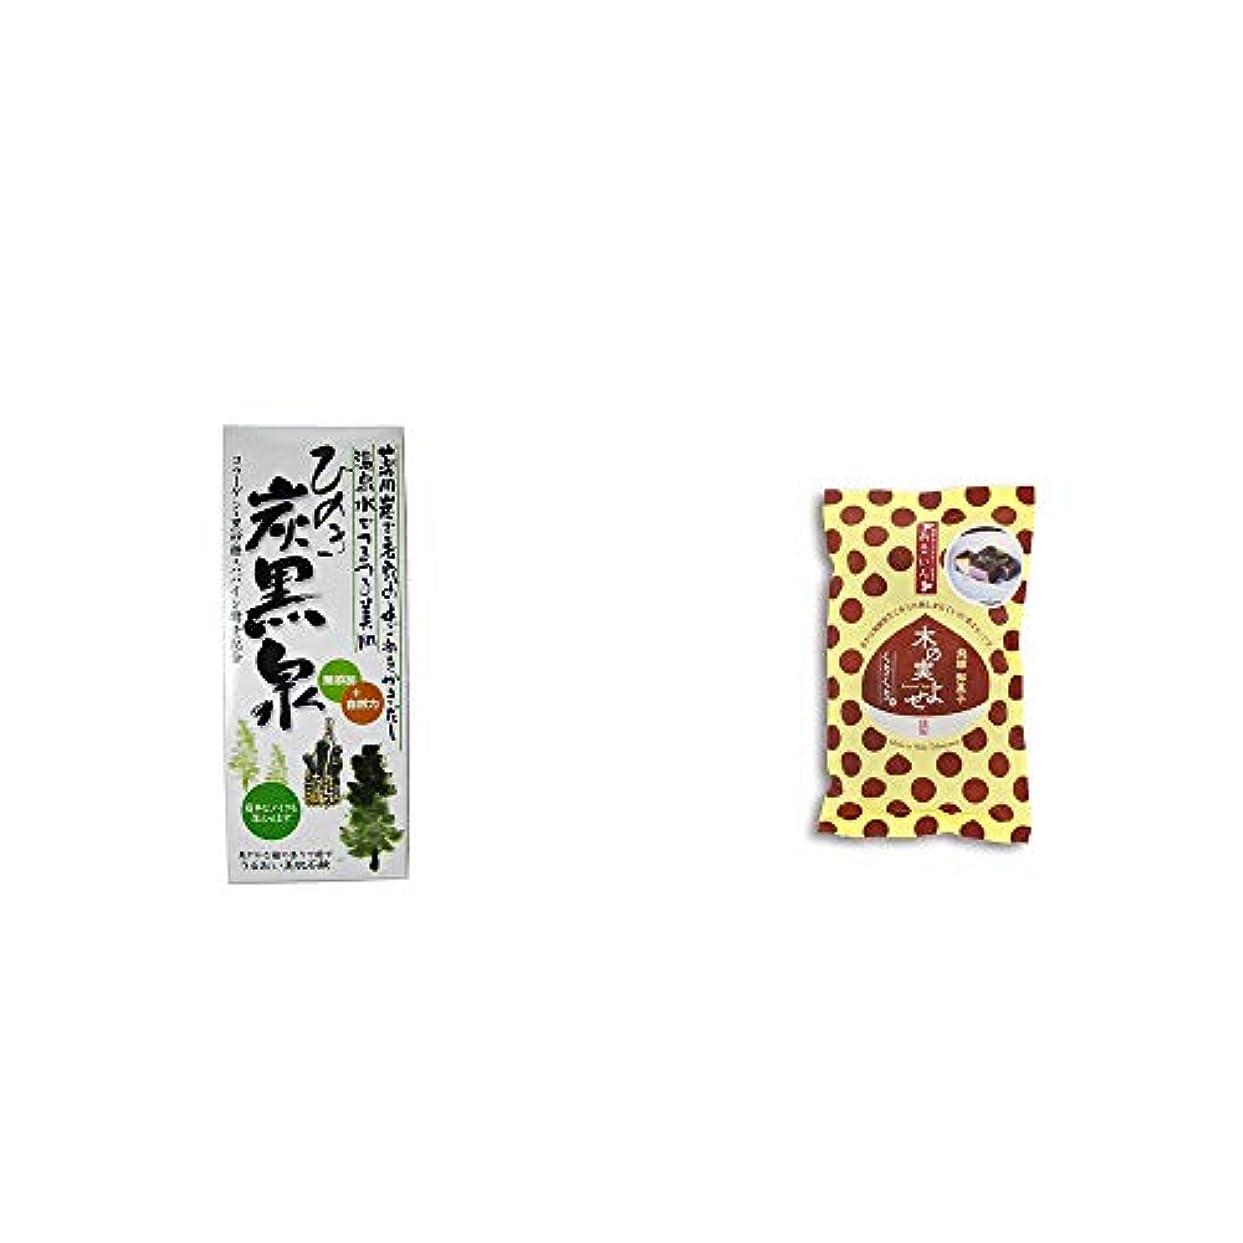 赤字厄介なの配列[2点セット] ひのき炭黒泉 箱入り(75g×3)?木の実よせ くりくり味(5個入)